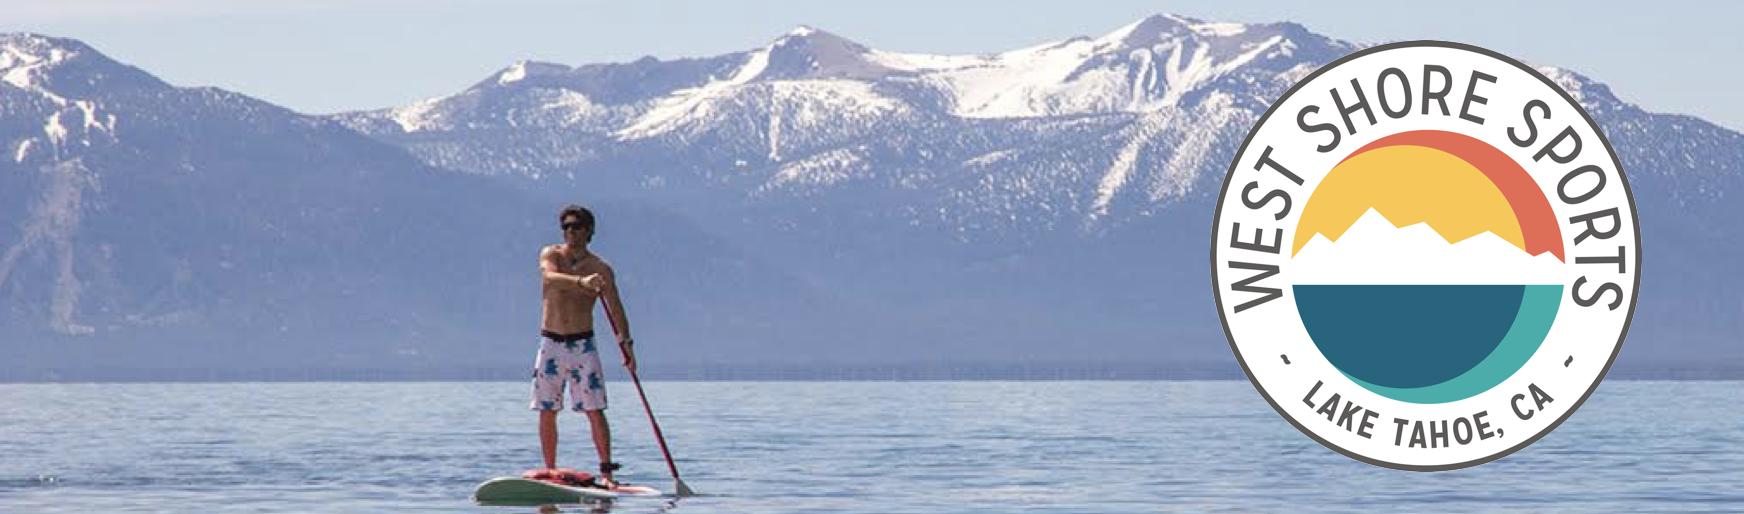 west shore sports paddleboarding